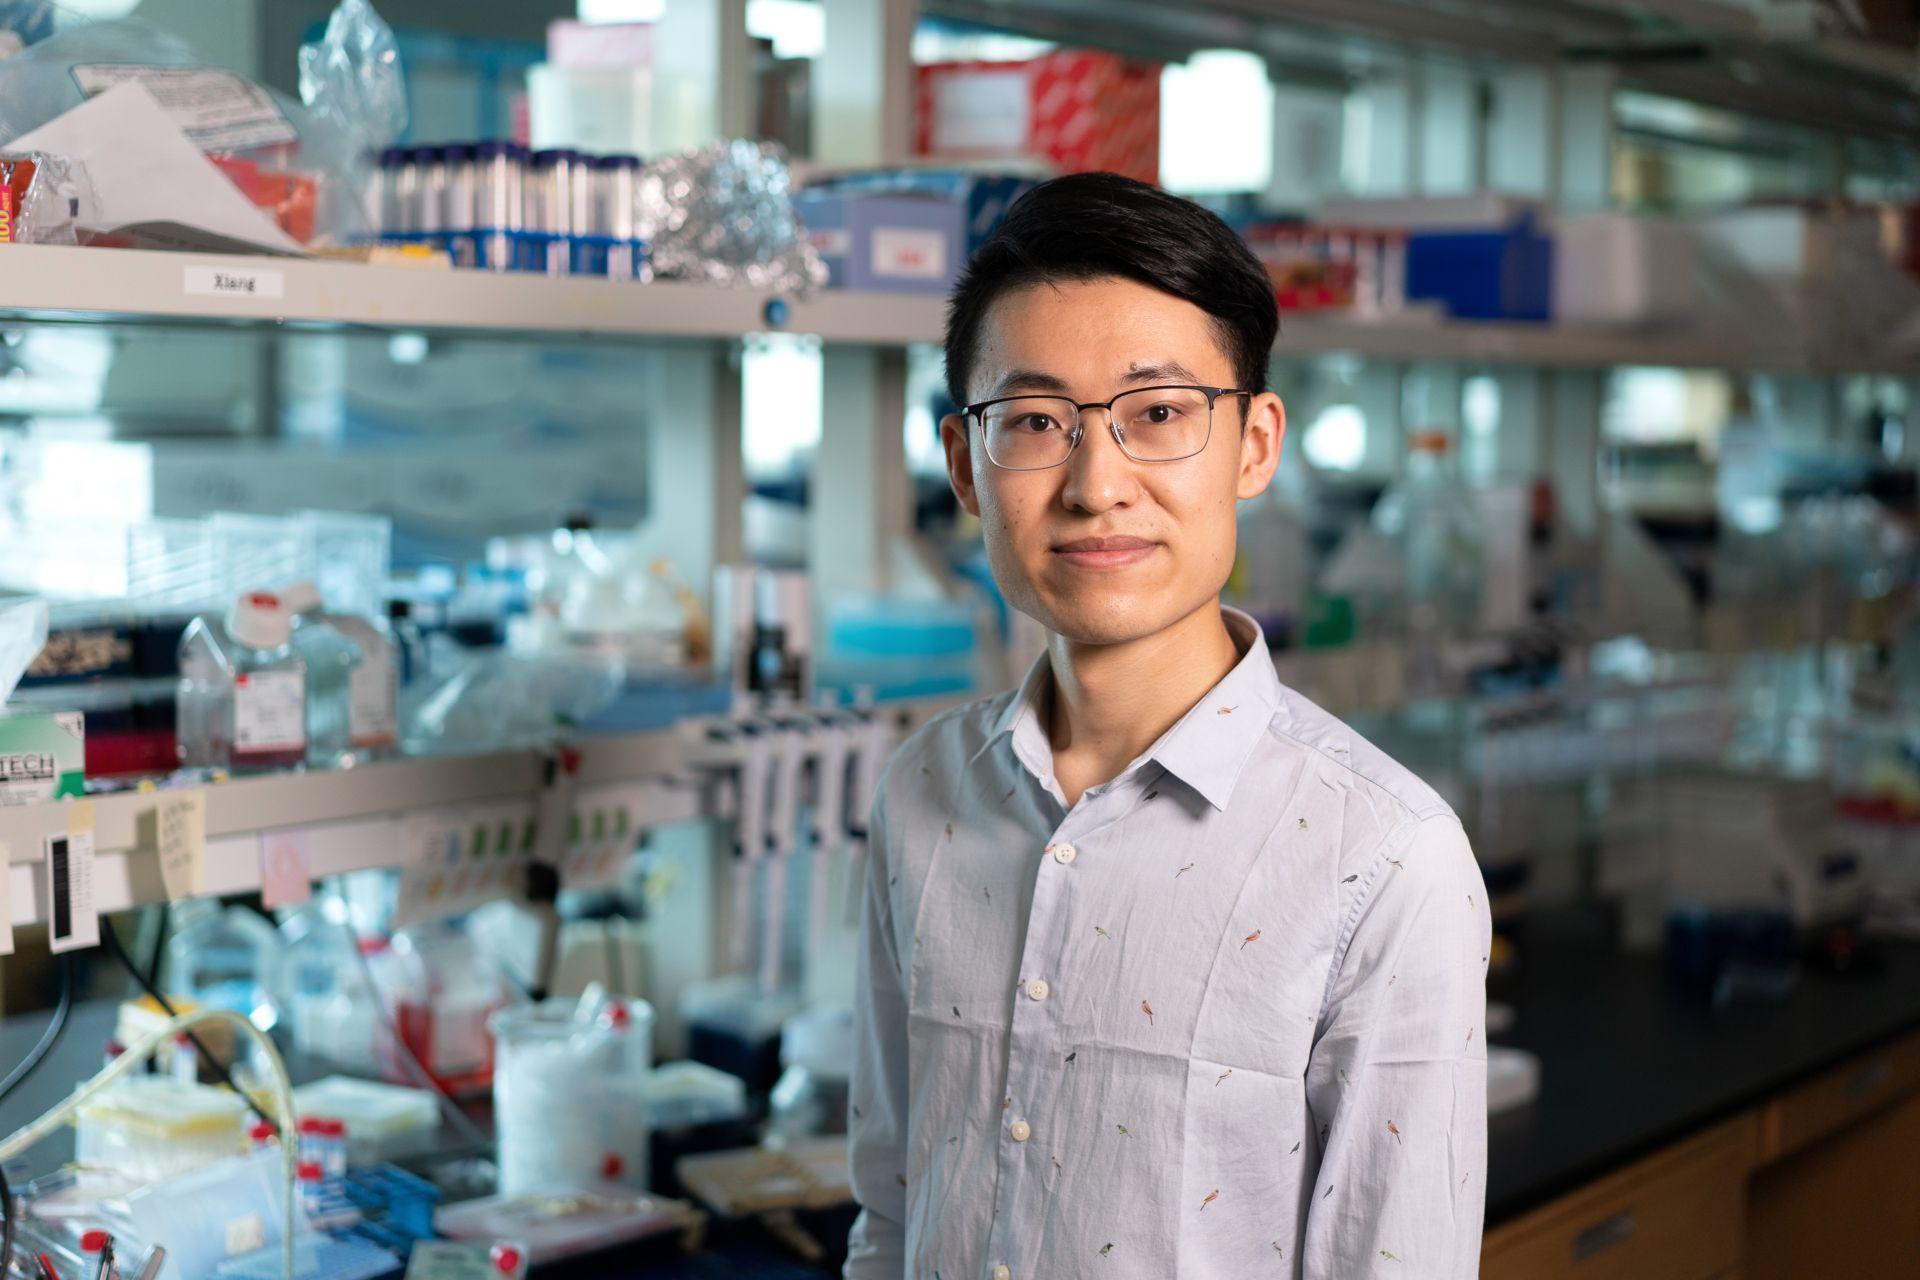 Xiang Sun, PhD